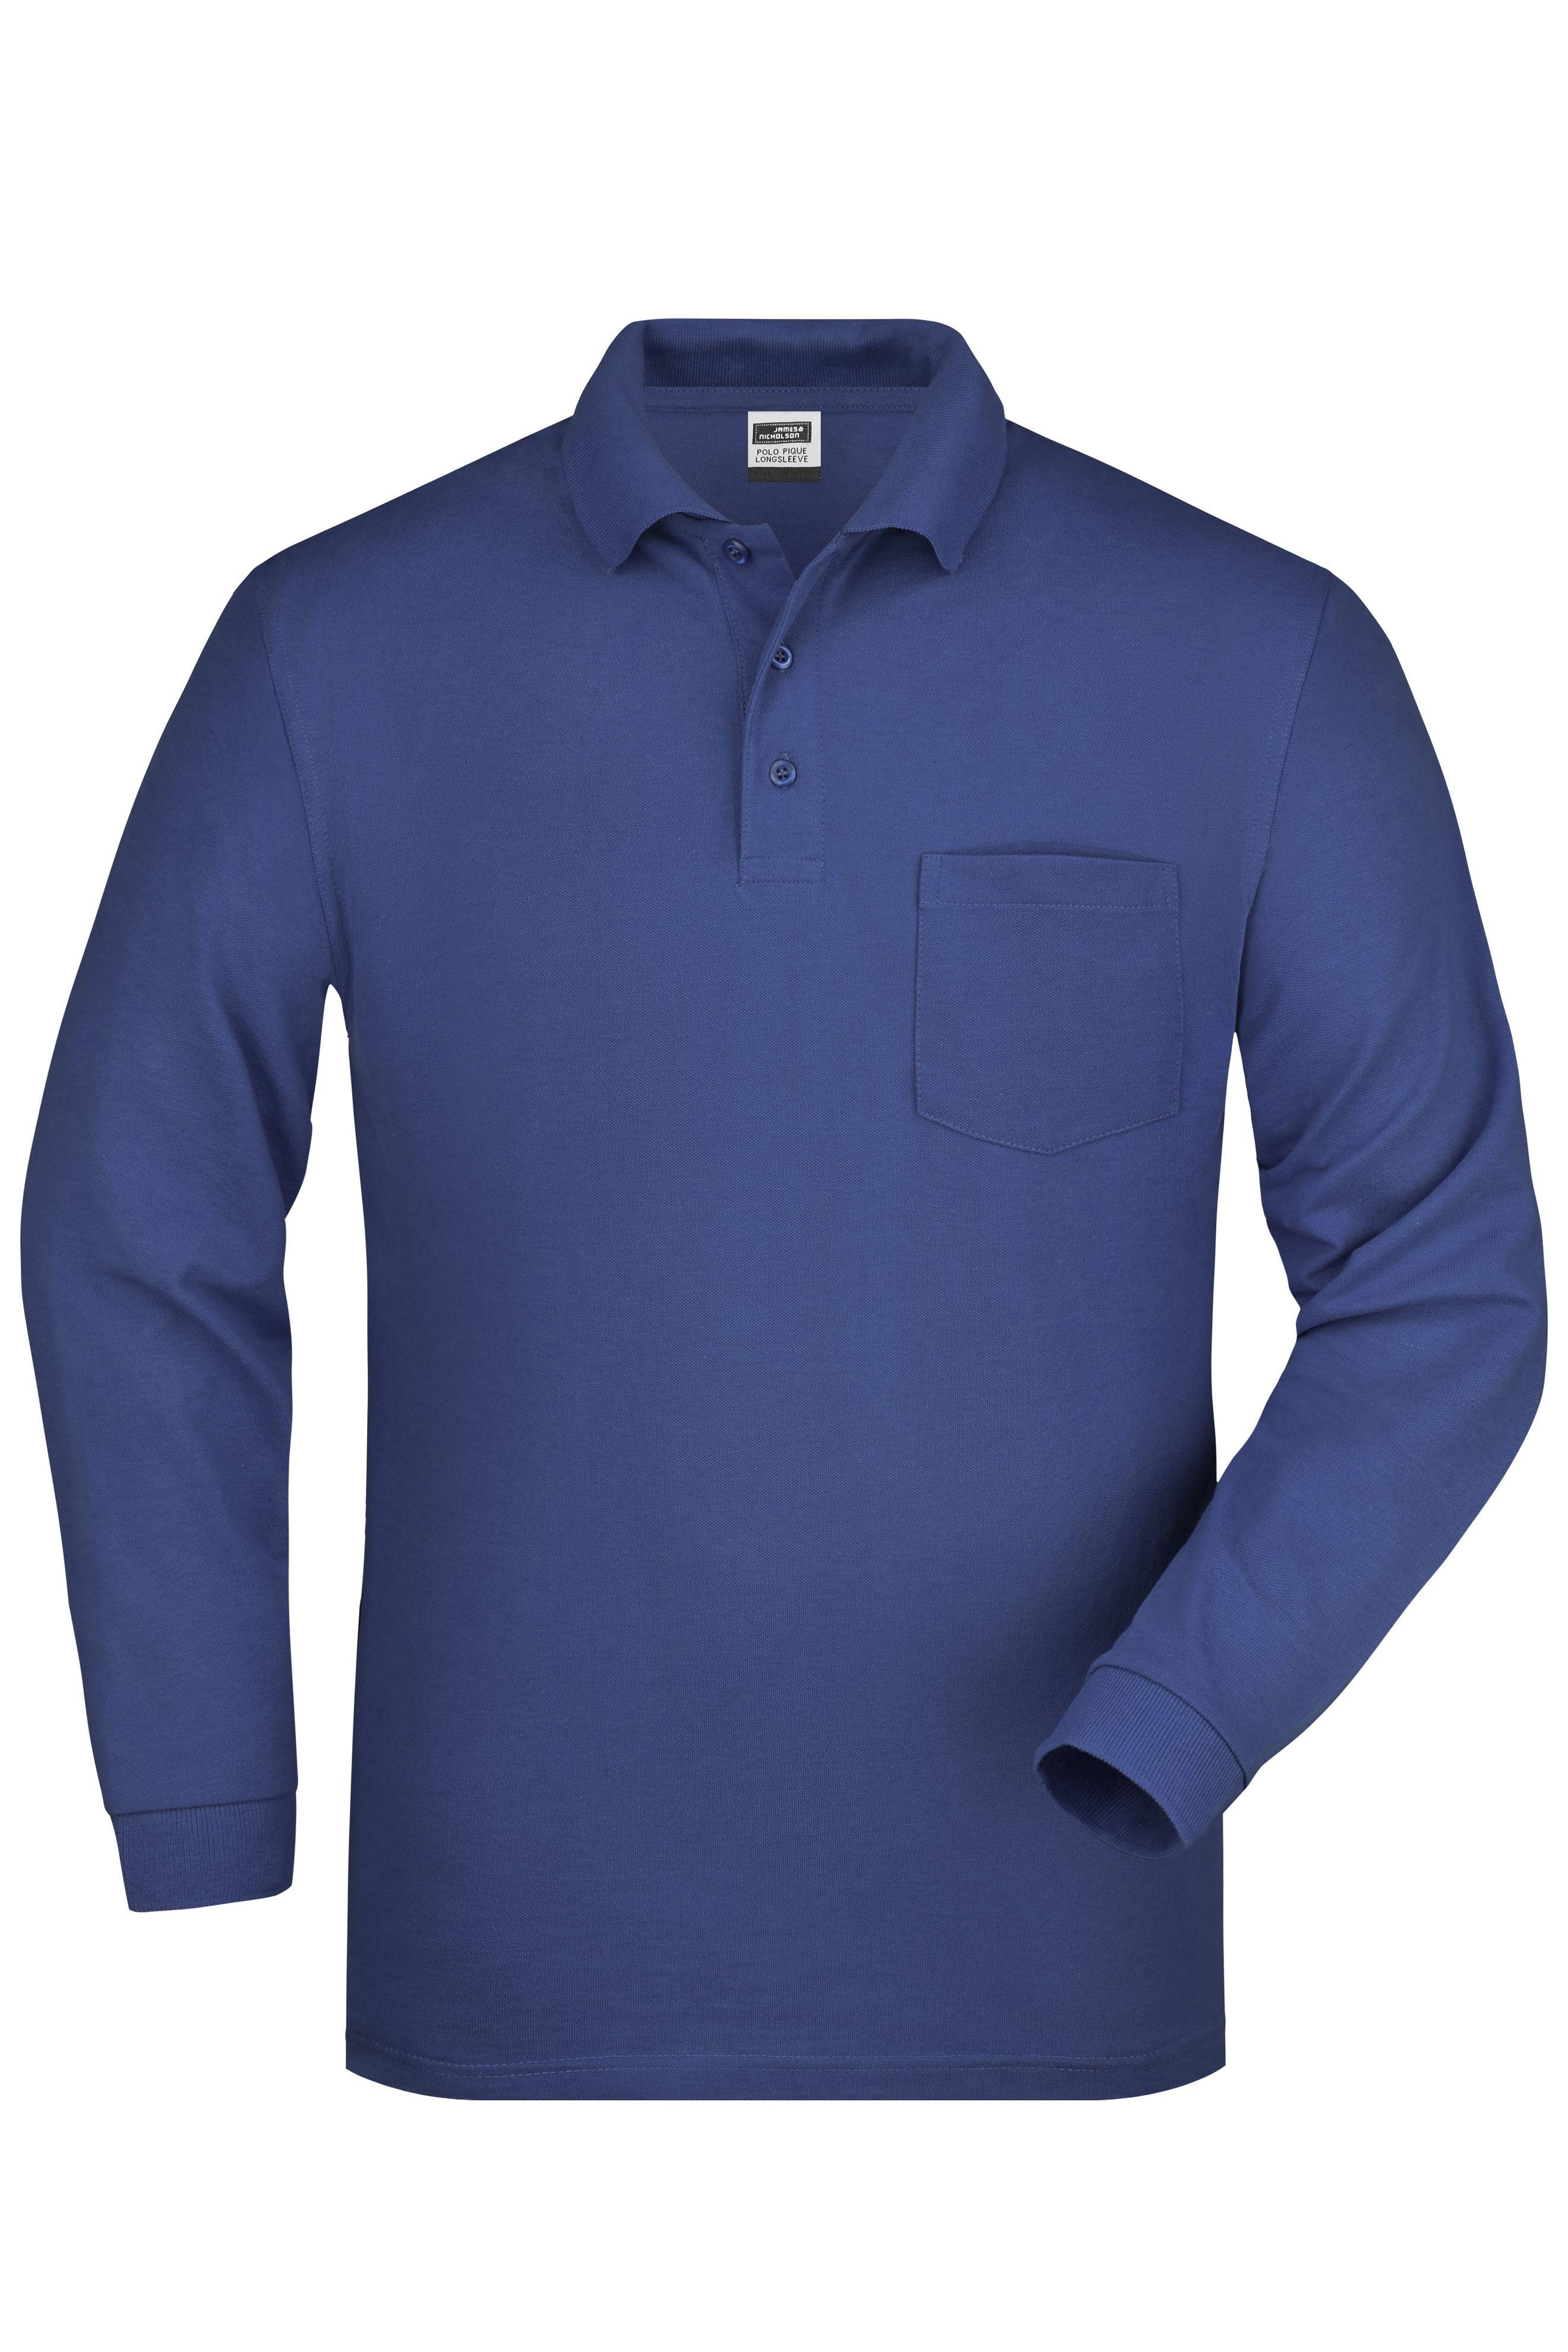 Langarm-Polohemd mit Brusttasche